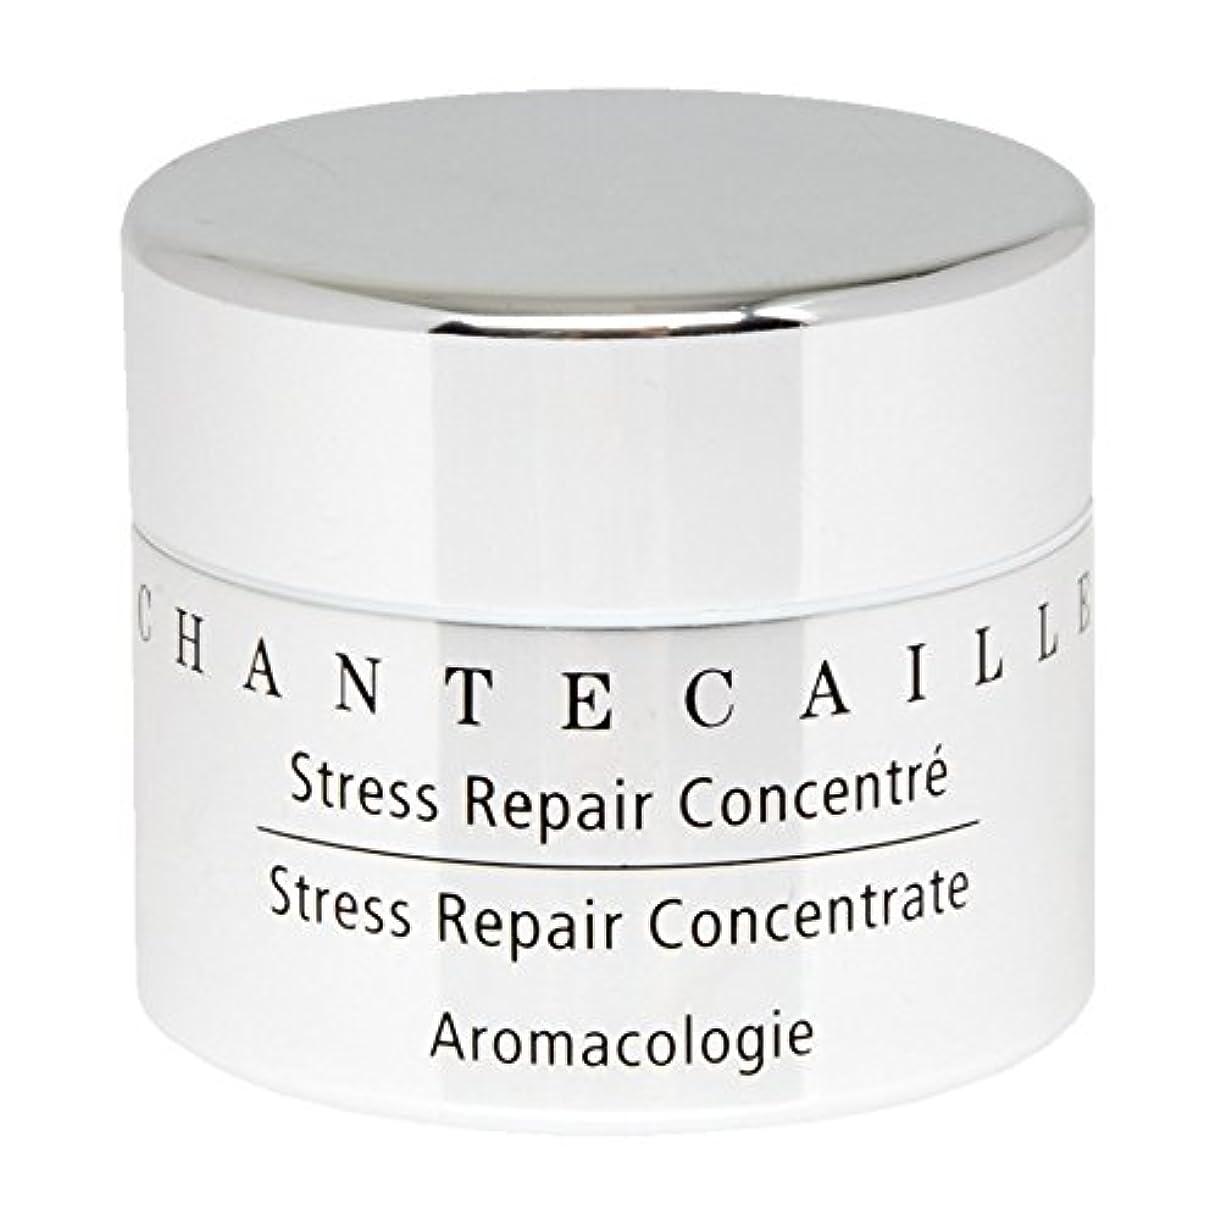 夏不忠面白いシャンテカイユストレス修復濃縮15ミリリットル x4 - Chantecaille Stress Repair Concentrate 15ml (Pack of 4) [並行輸入品]